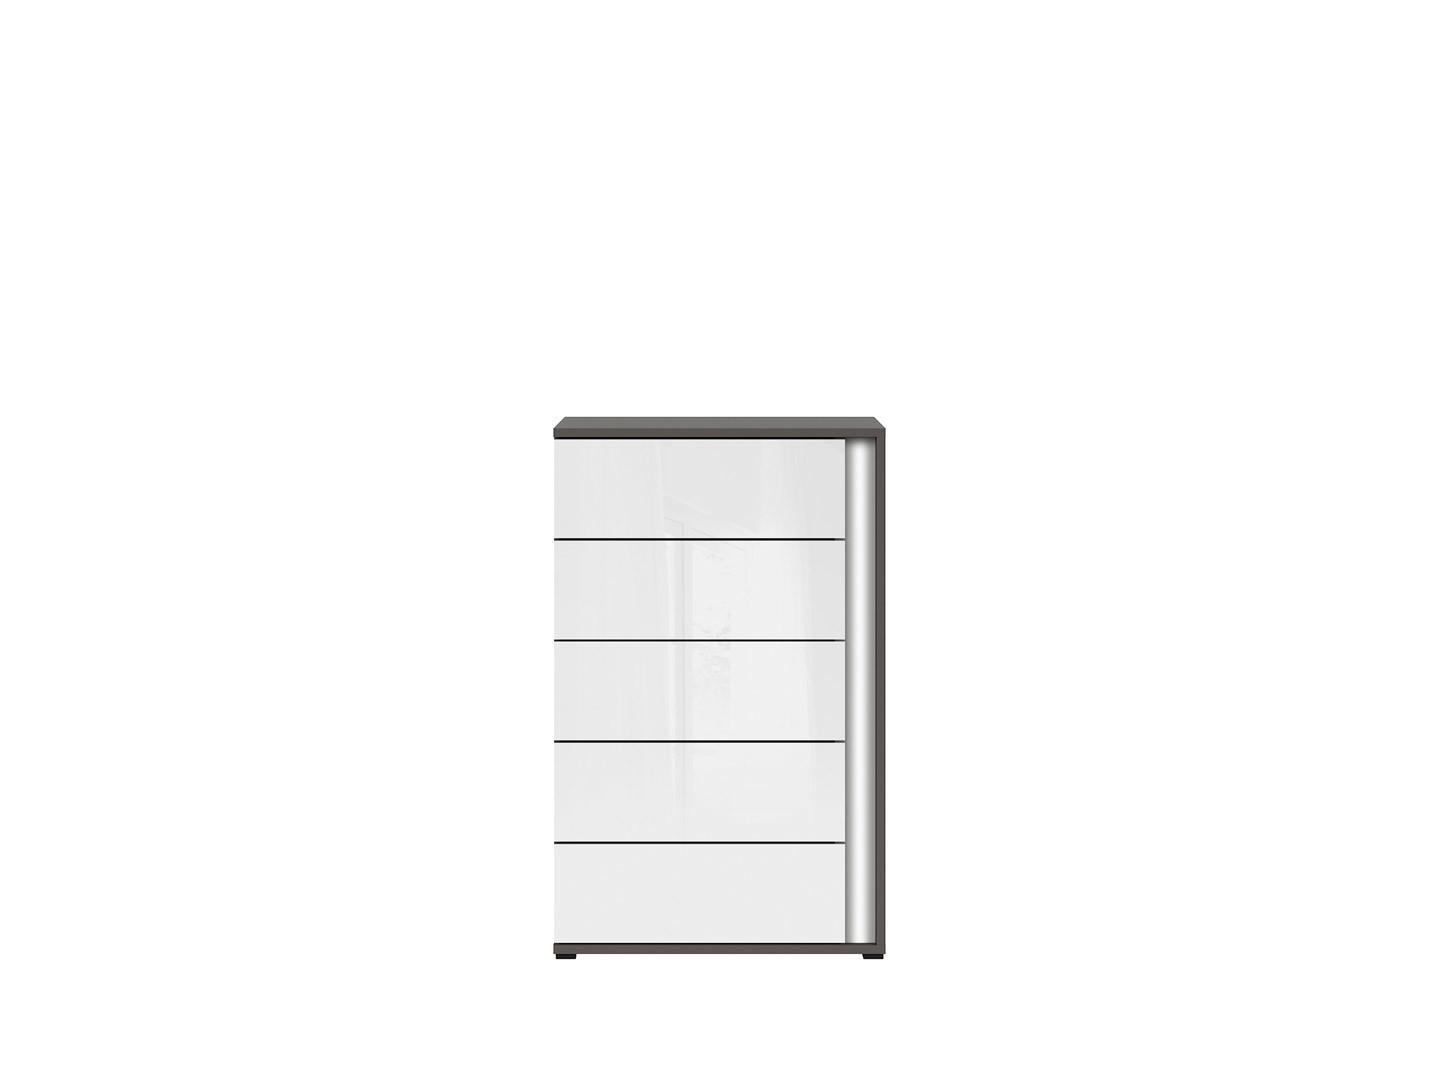 Komoda GRAPHIC KOM5SL/A sivý wolfram/biely vysoký lesk